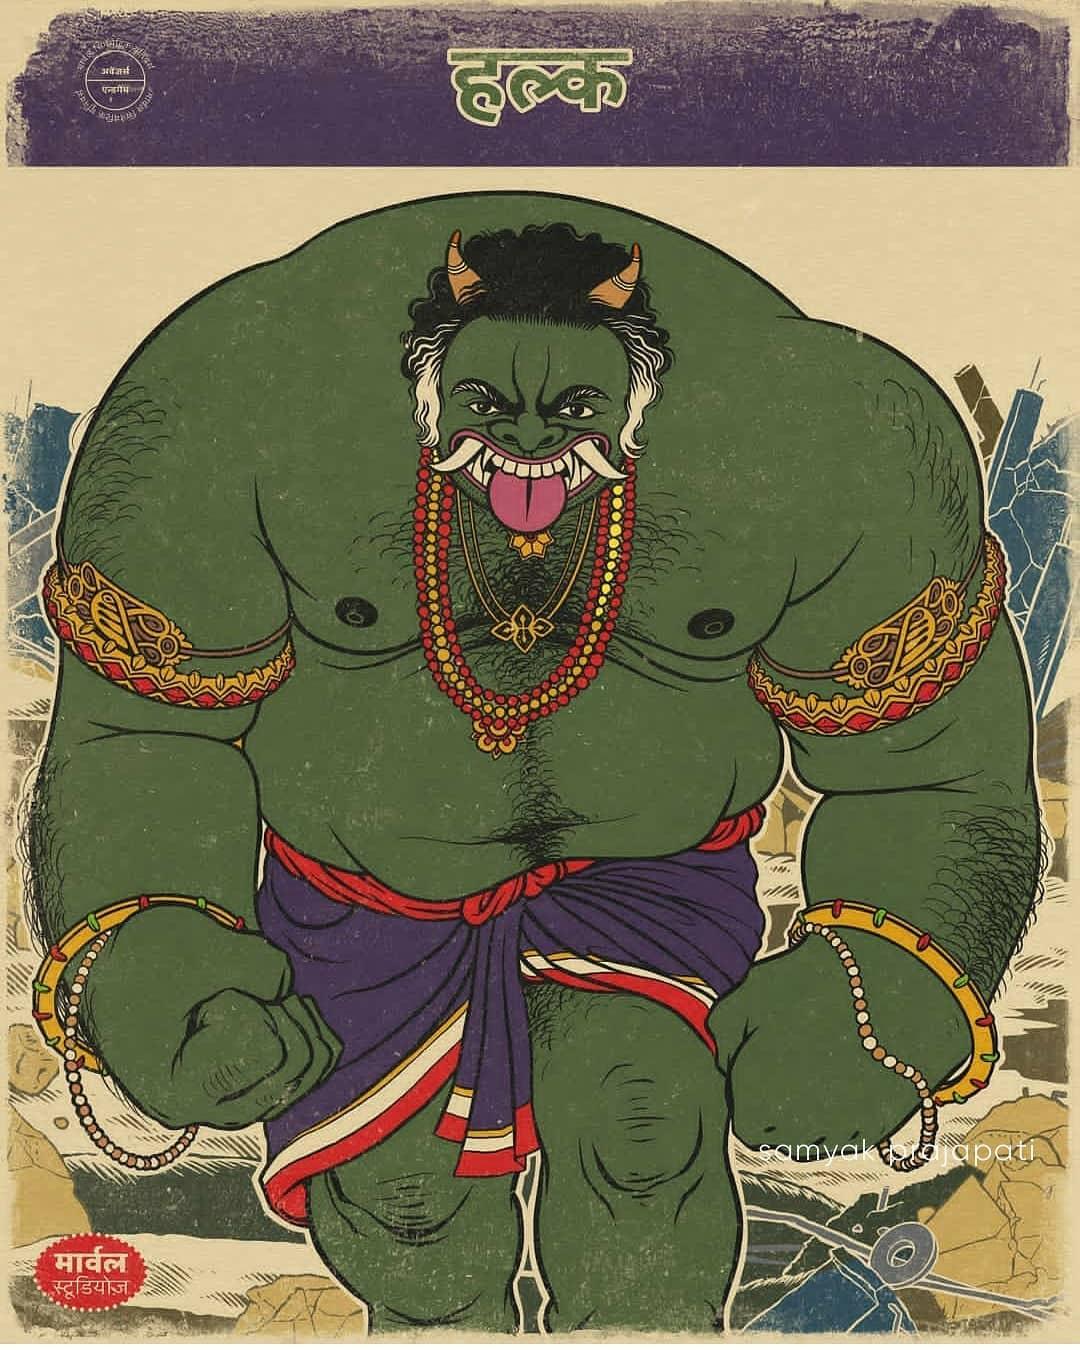 Marvel avengers incredible hulk